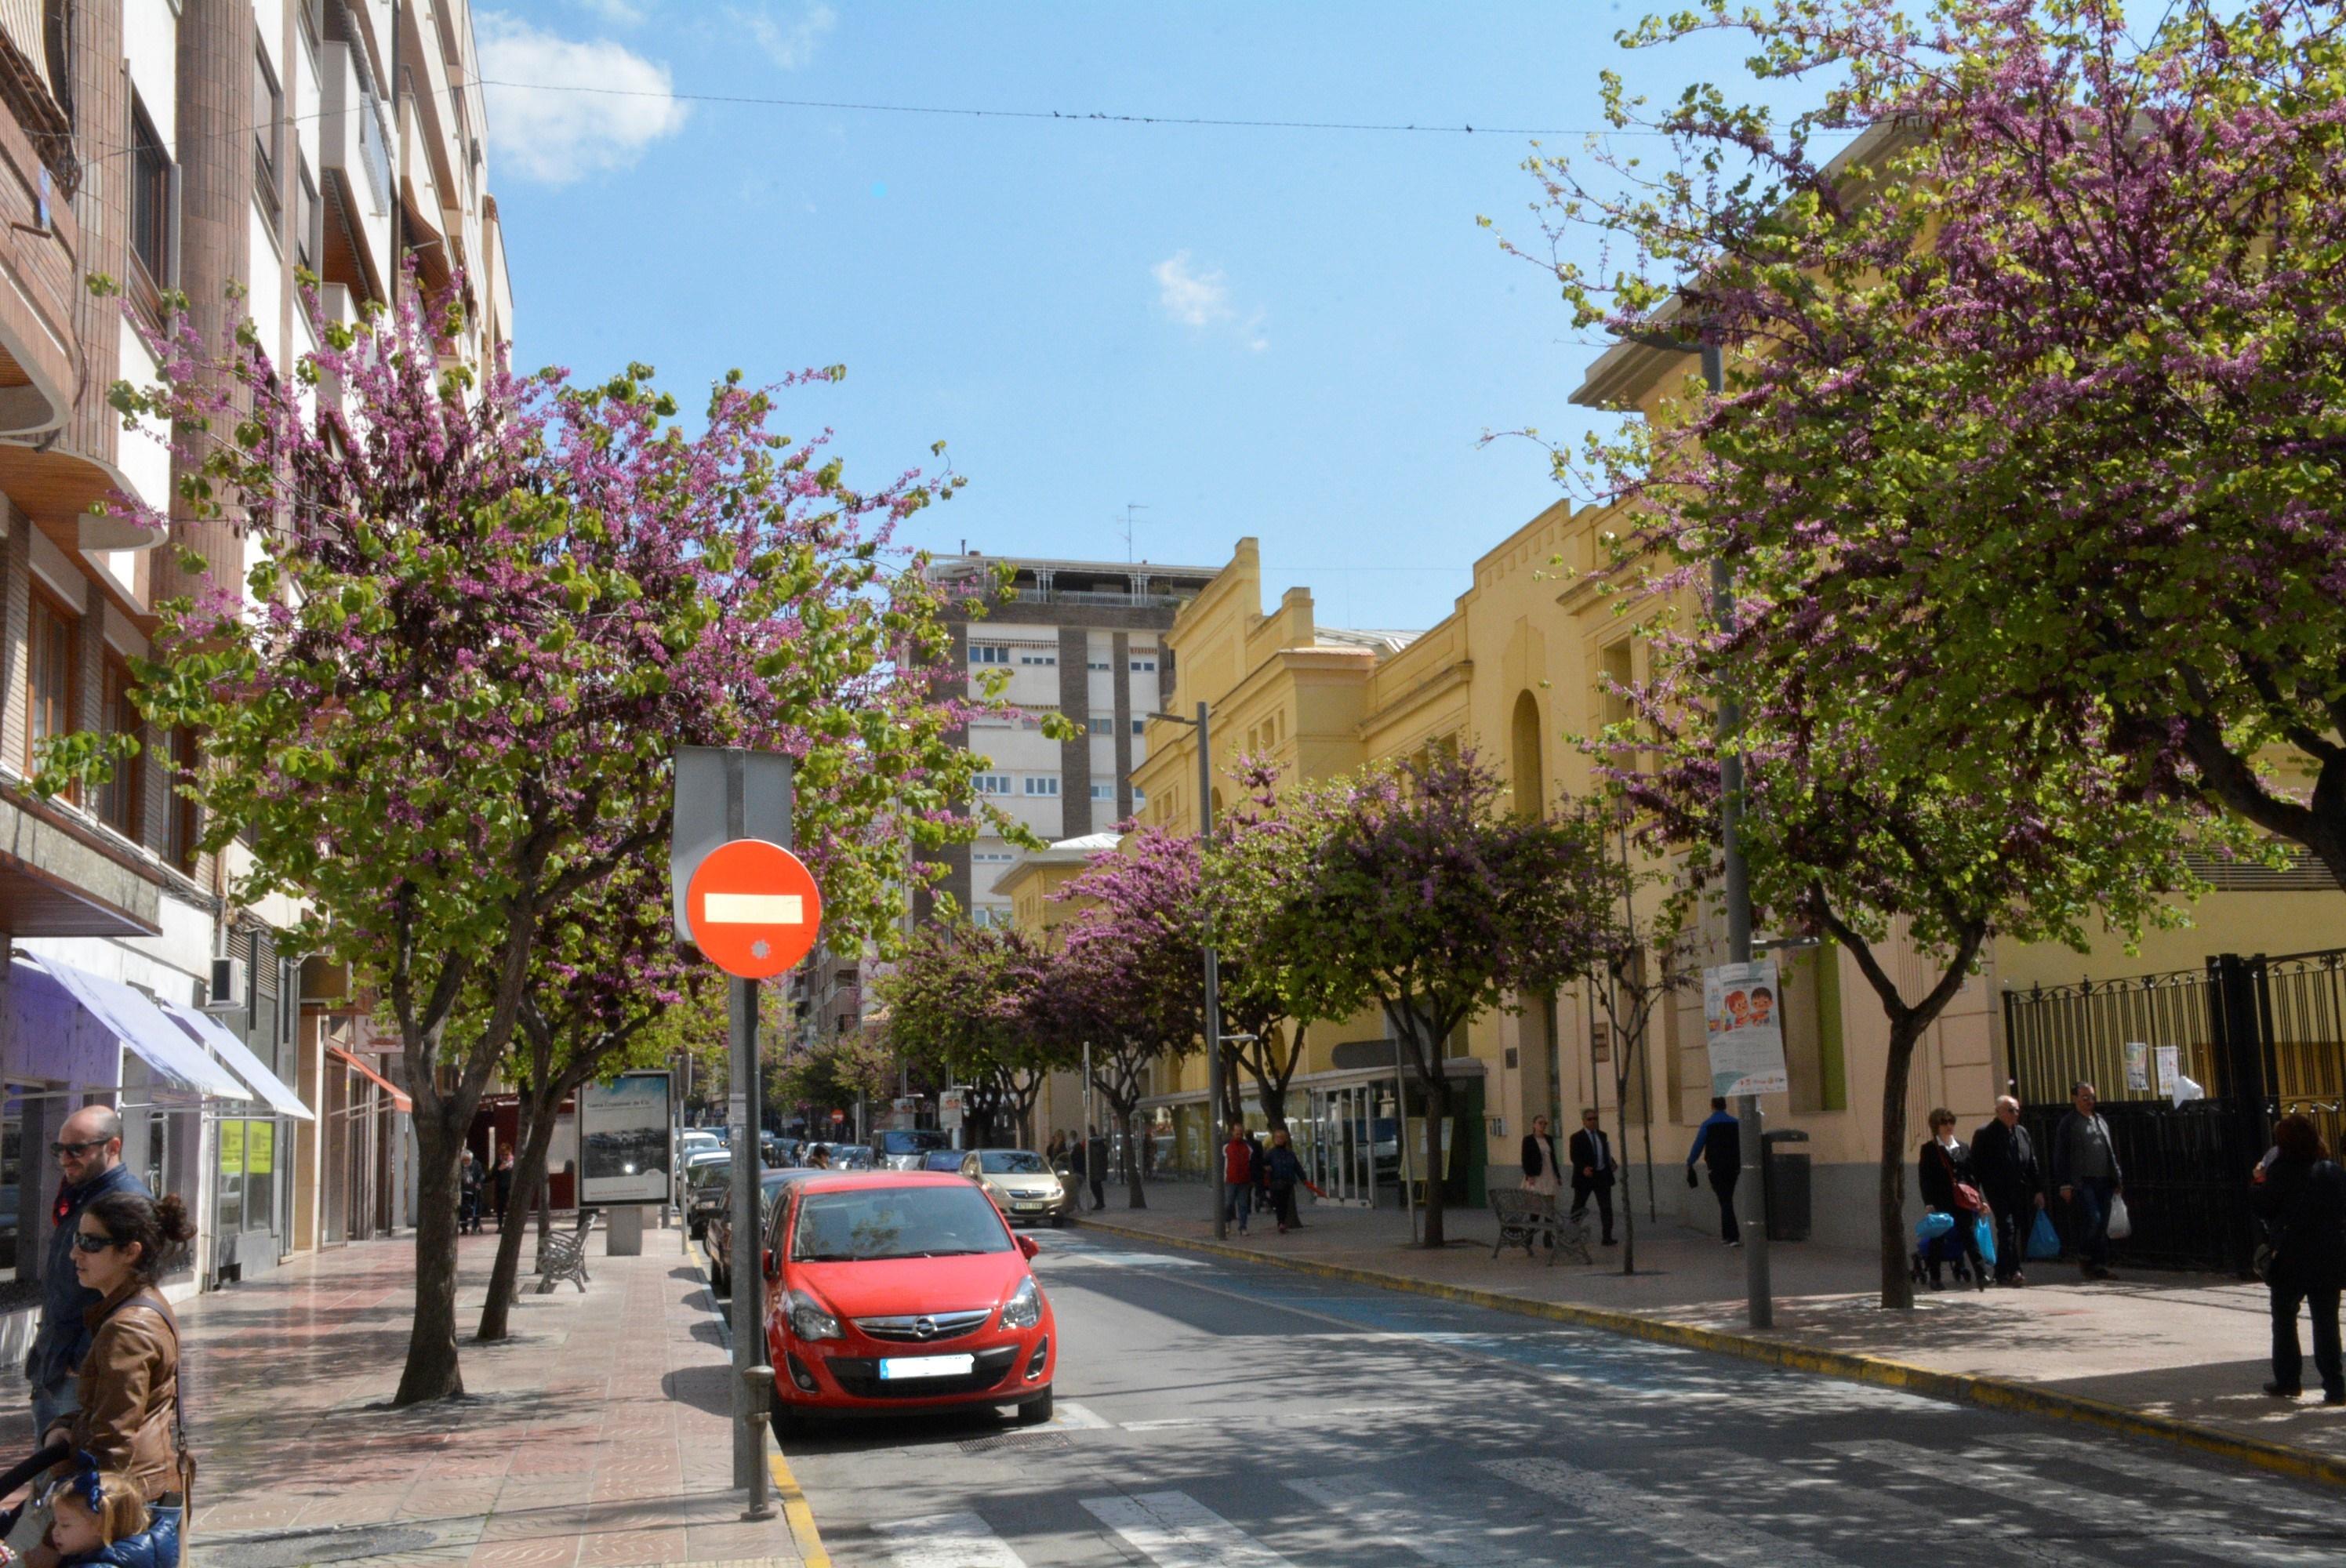 El próximo lunes, 1 de abril, cambio semestral de aparcamiento en Elda